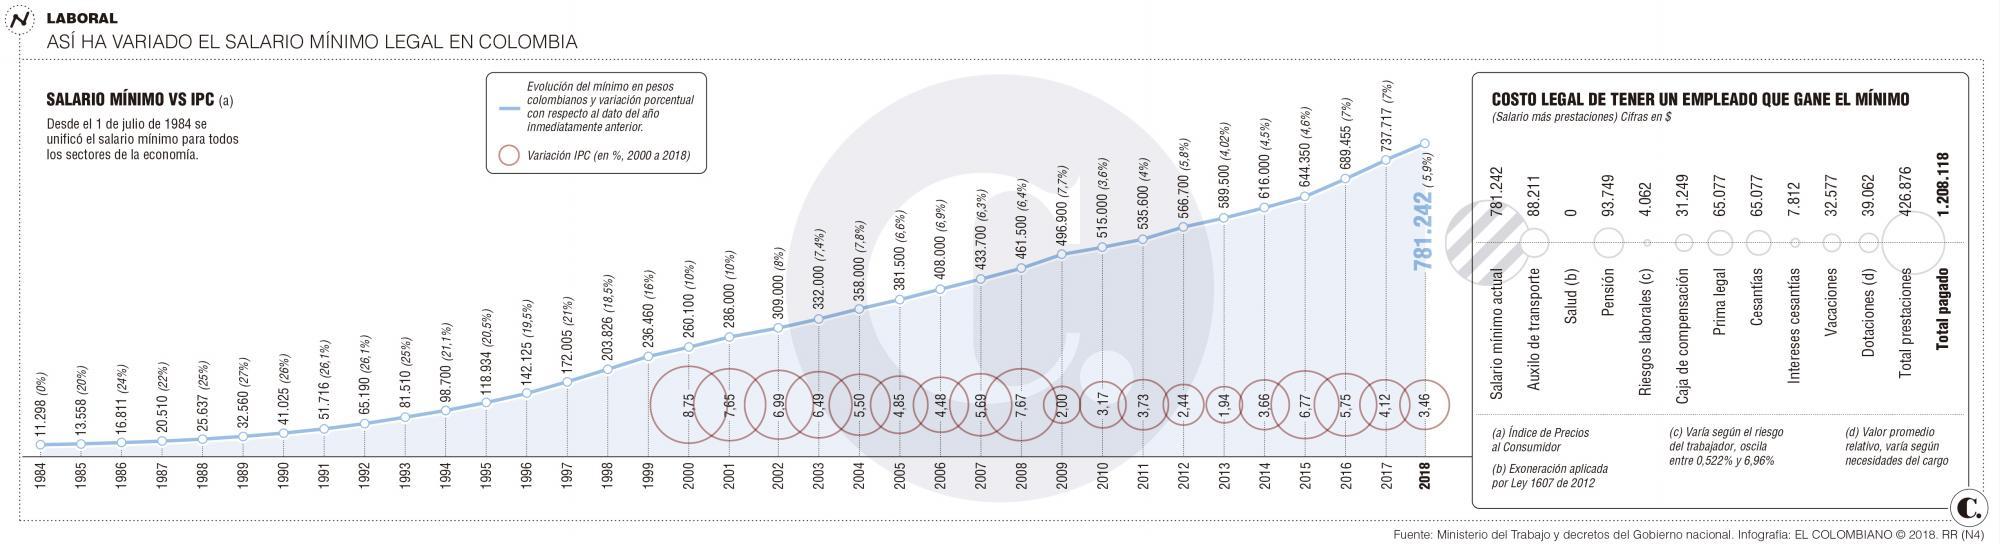 Las cuentas sobre el aumento al salario mínimo que propone Álvaro Uribe